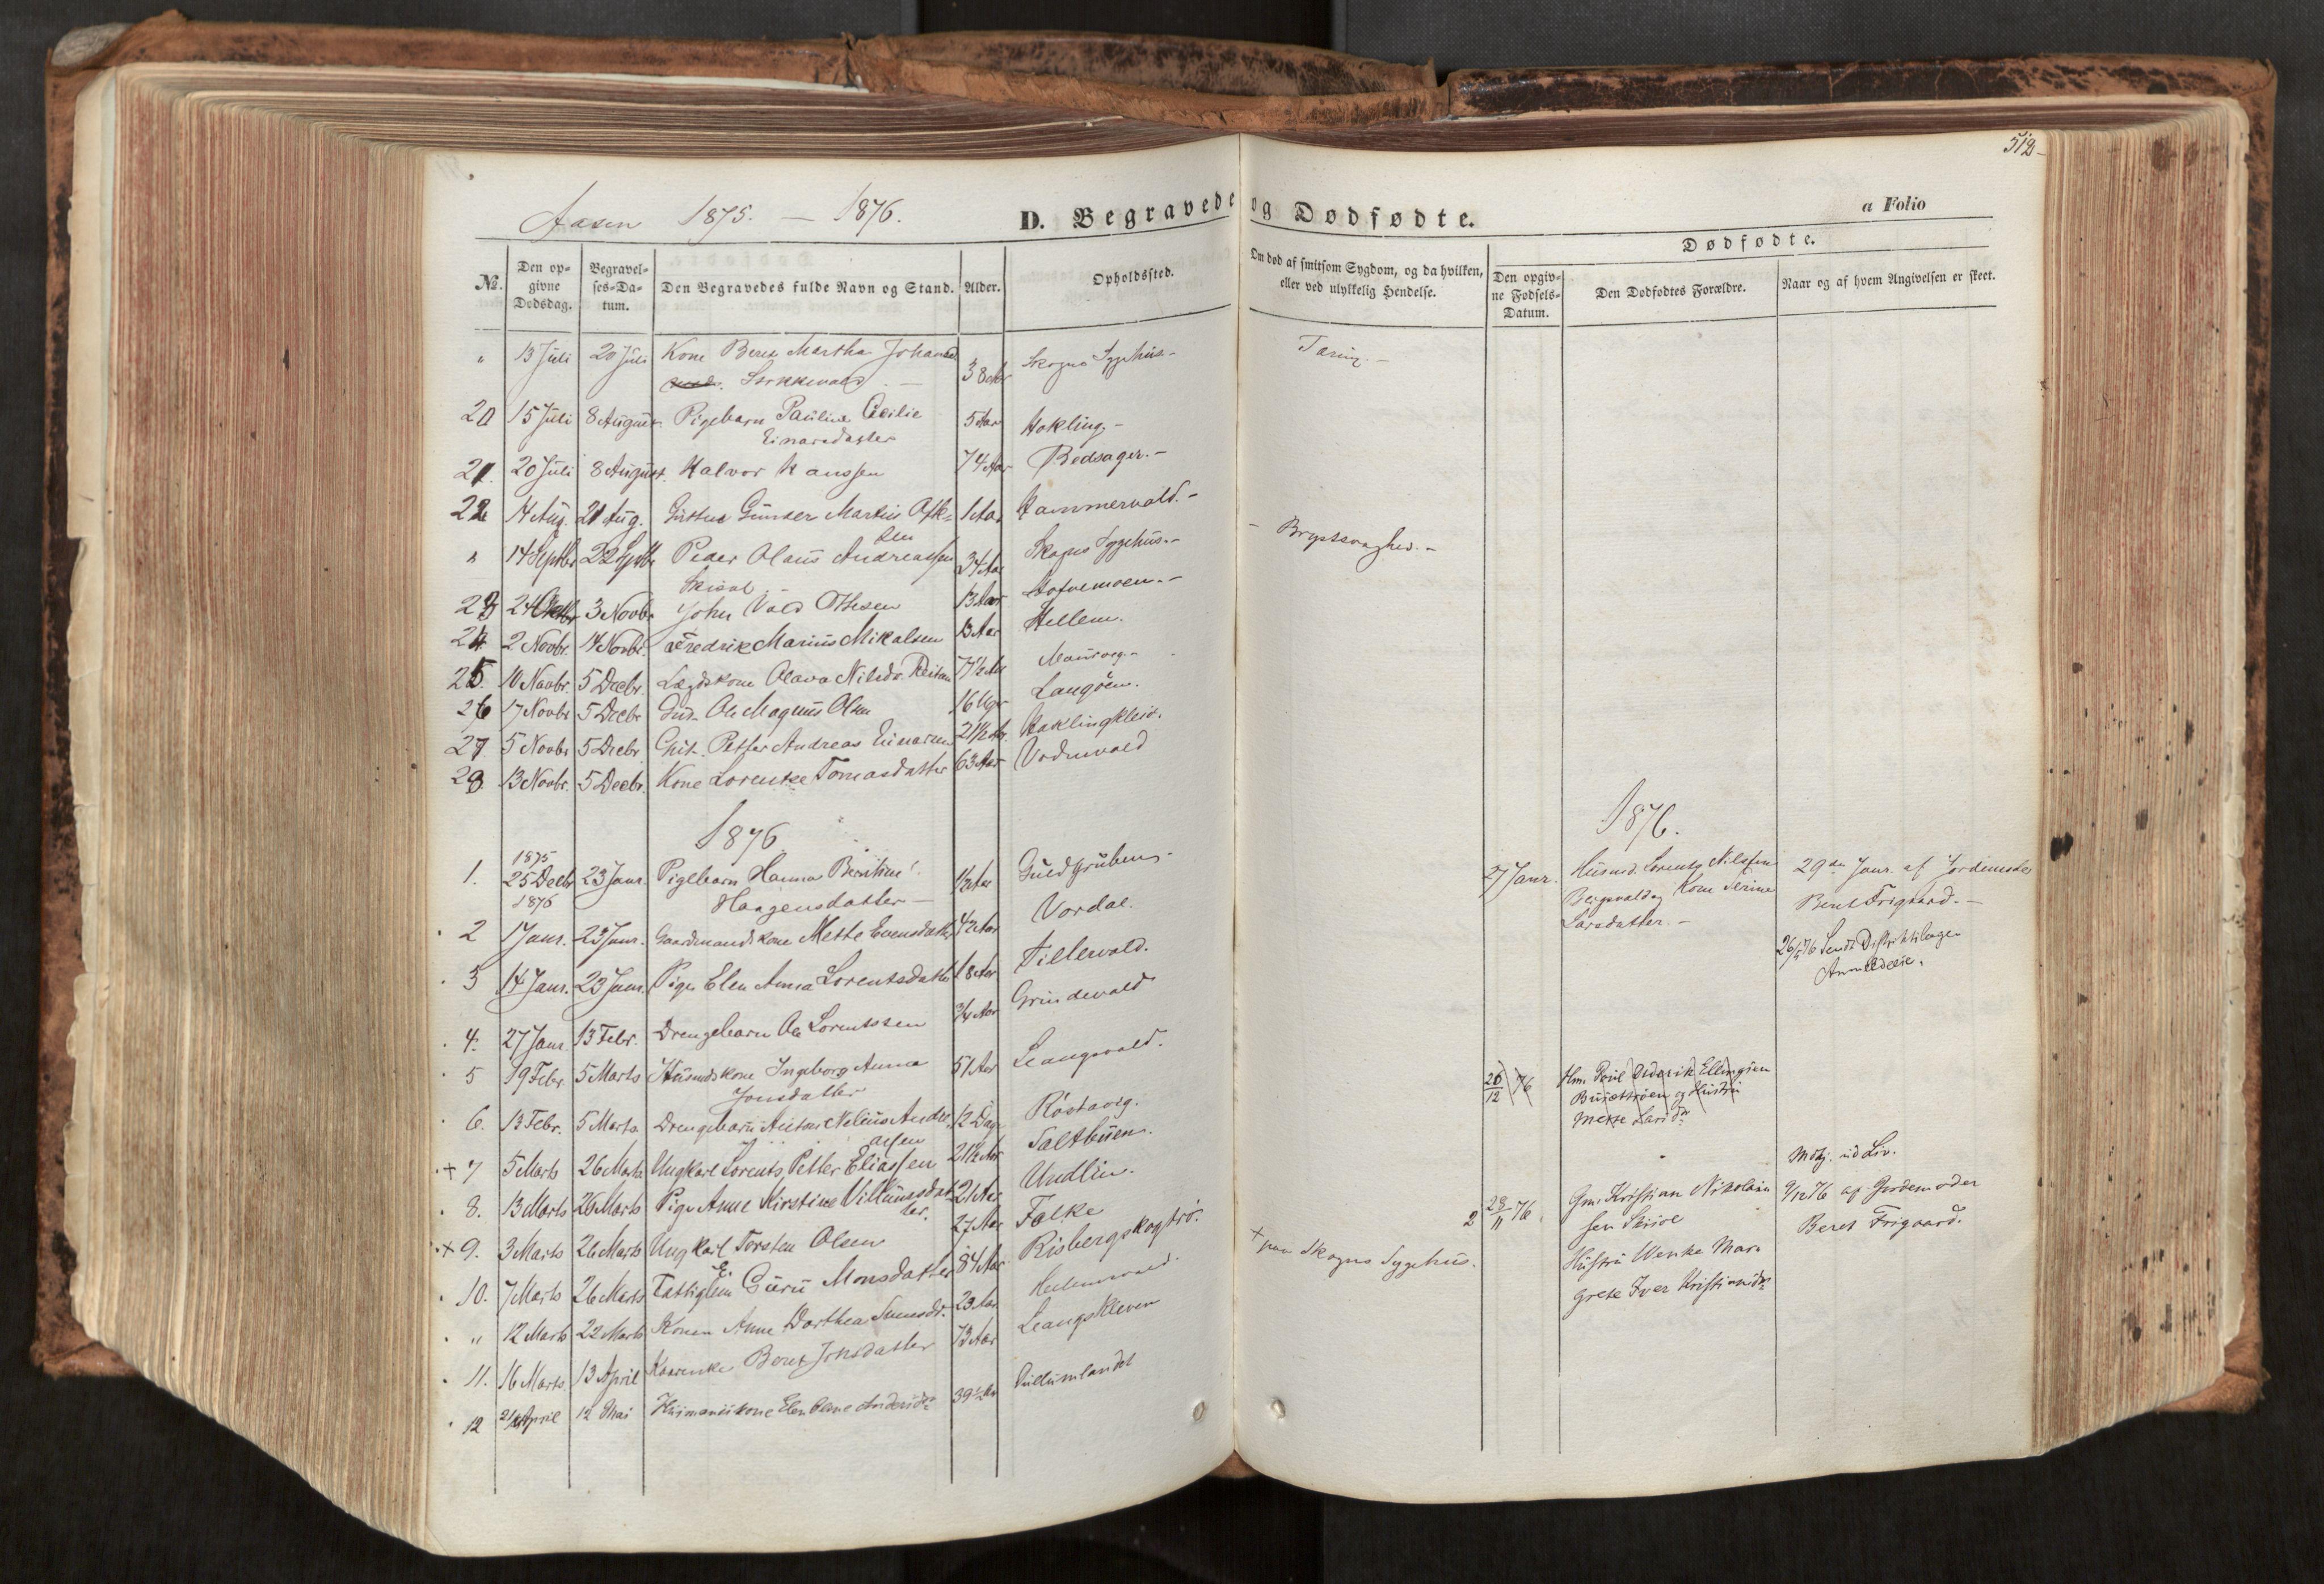 SAT, Ministerialprotokoller, klokkerbøker og fødselsregistre - Nord-Trøndelag, 713/L0116: Ministerialbok nr. 713A07, 1850-1877, s. 512